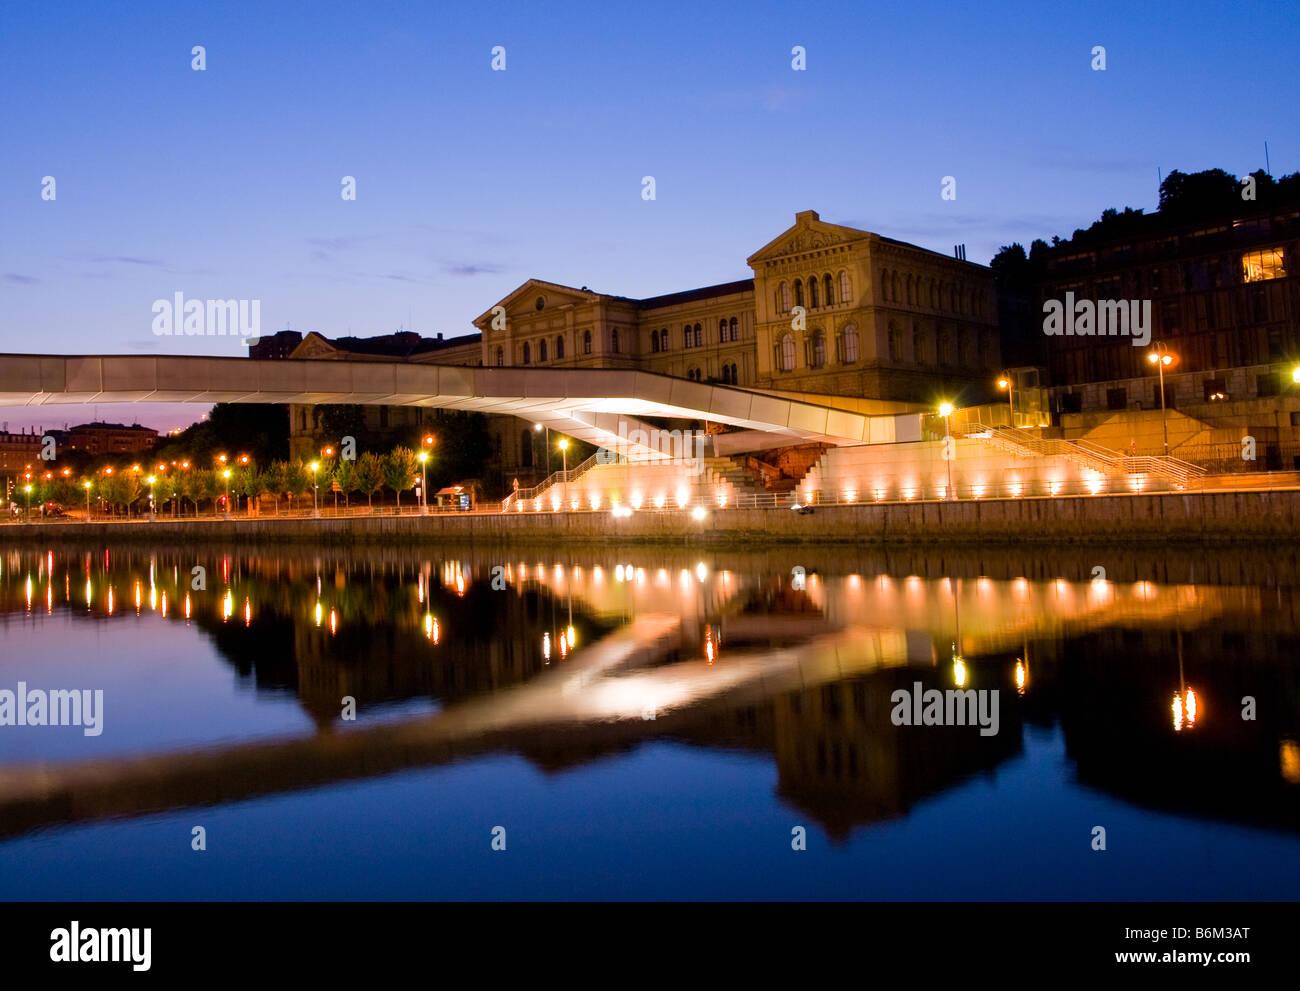 The Universidad de Deusto and the Puente Pedro Arrupe reflect on the Ría de Bilbao in Bilbao, Spain. - Stock Image